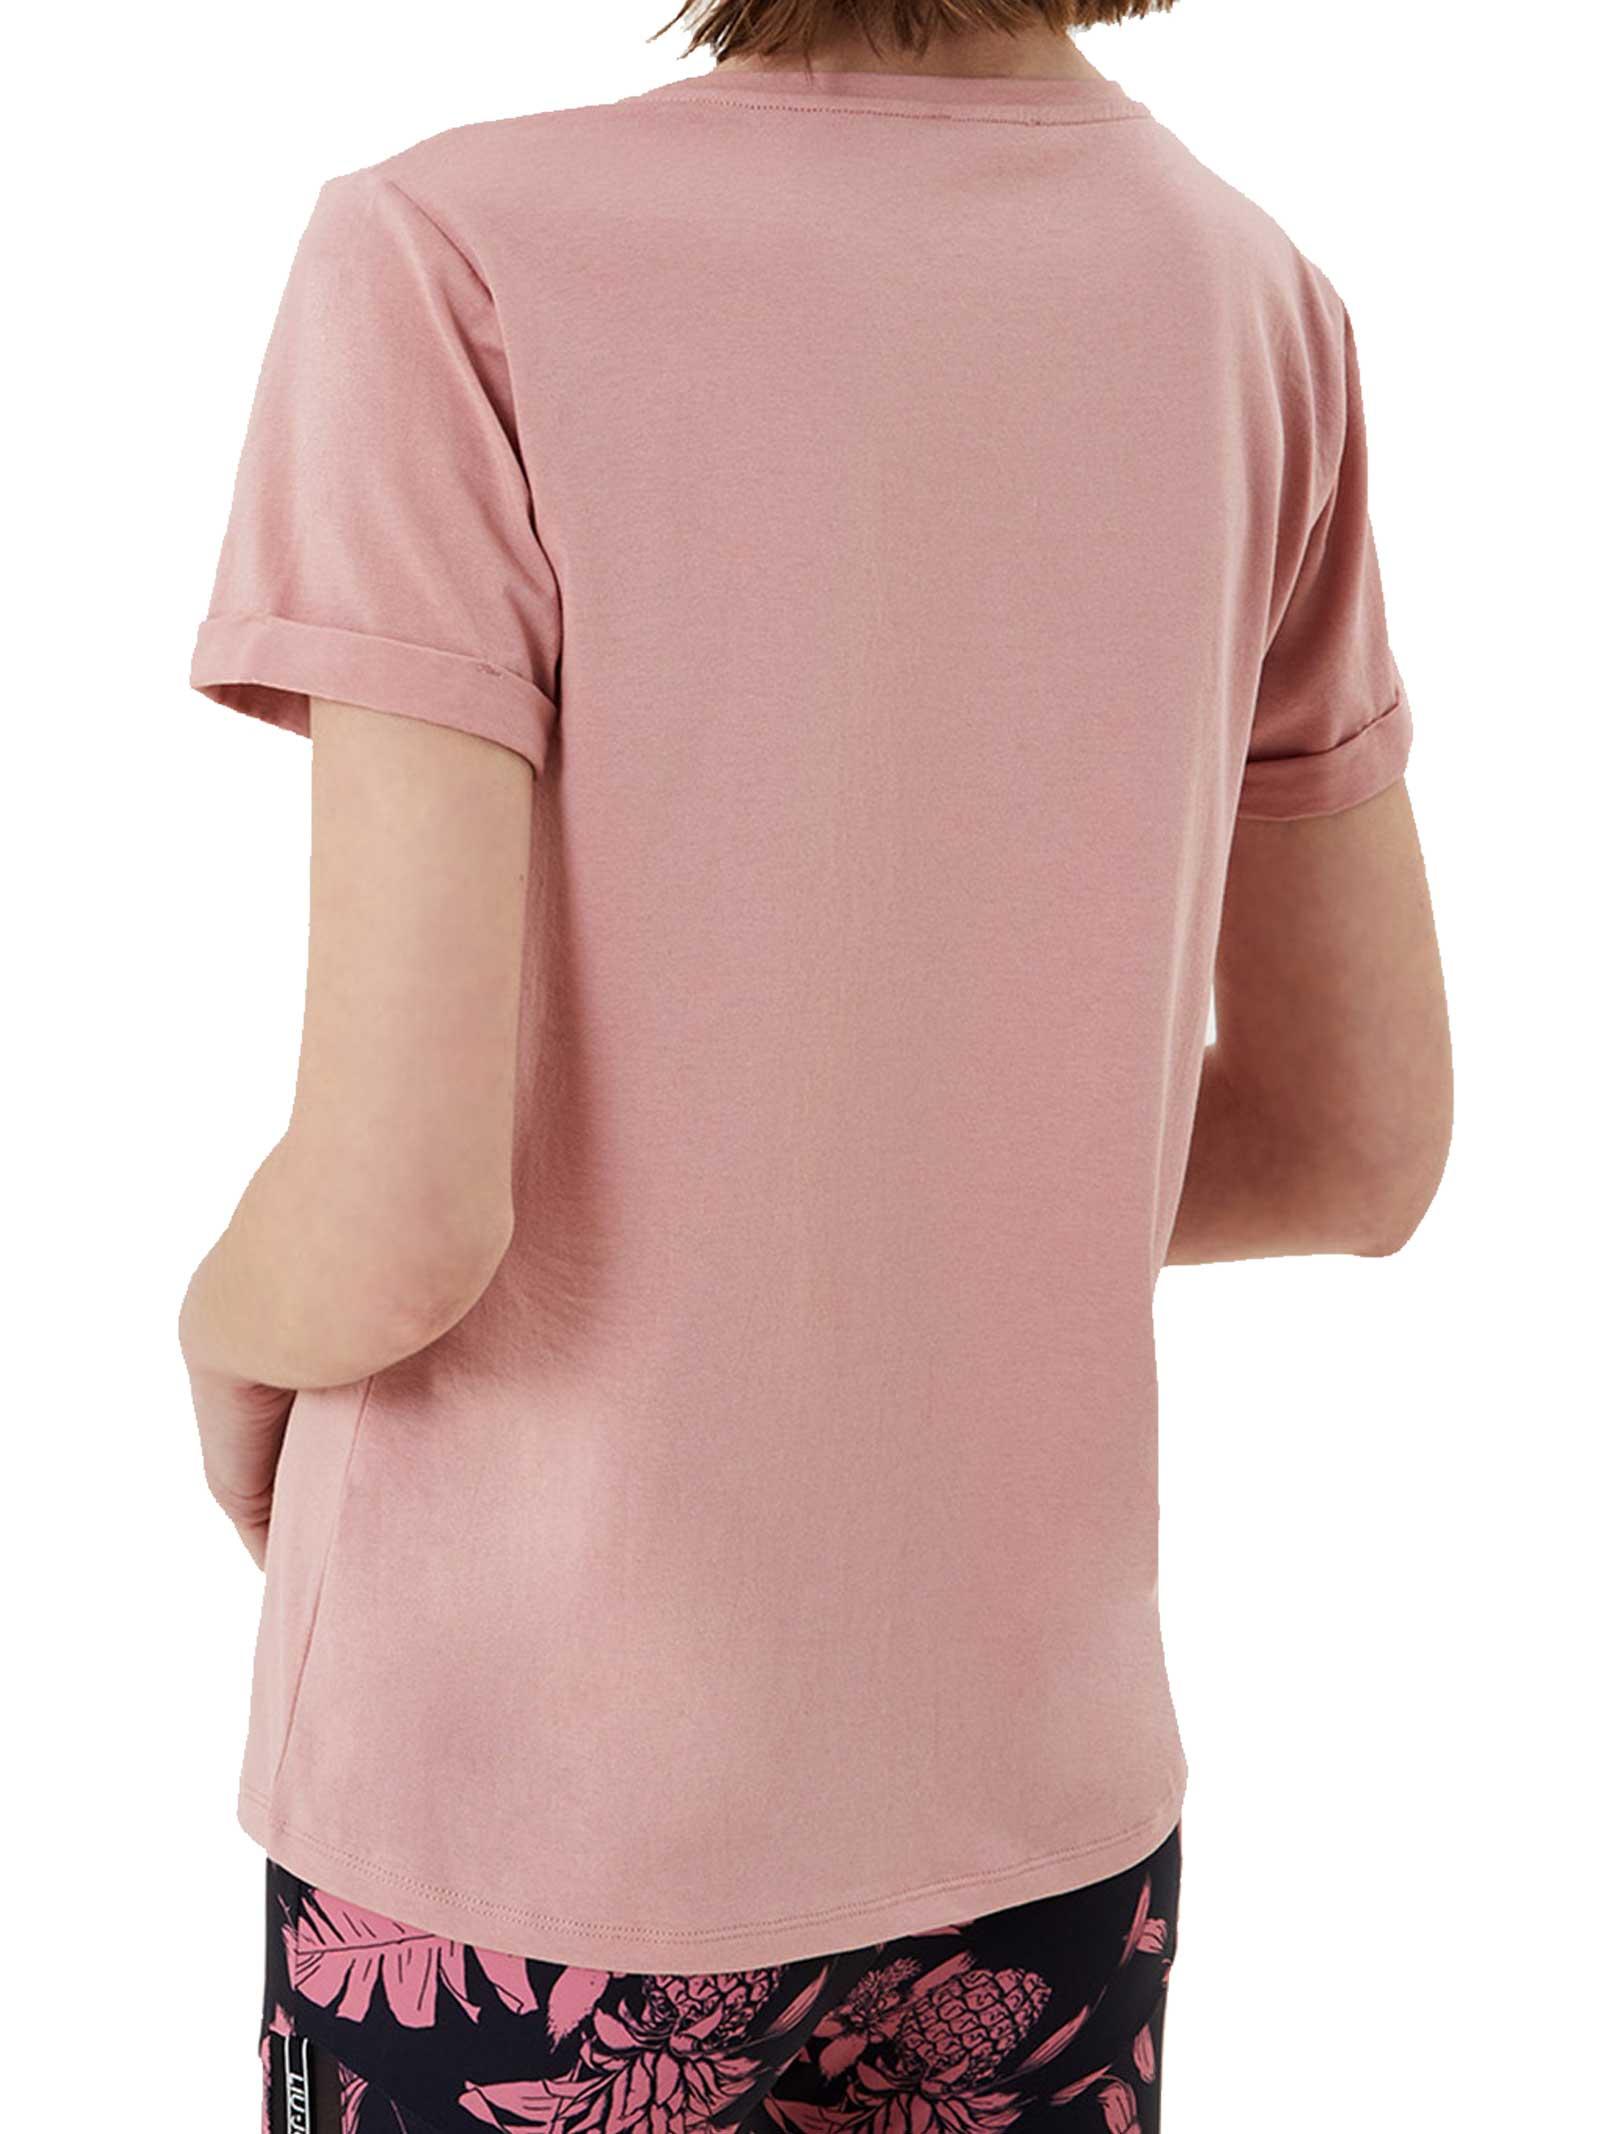 TOP LIU JO LIU JO | T-shirt | TA1156-J5003X0375